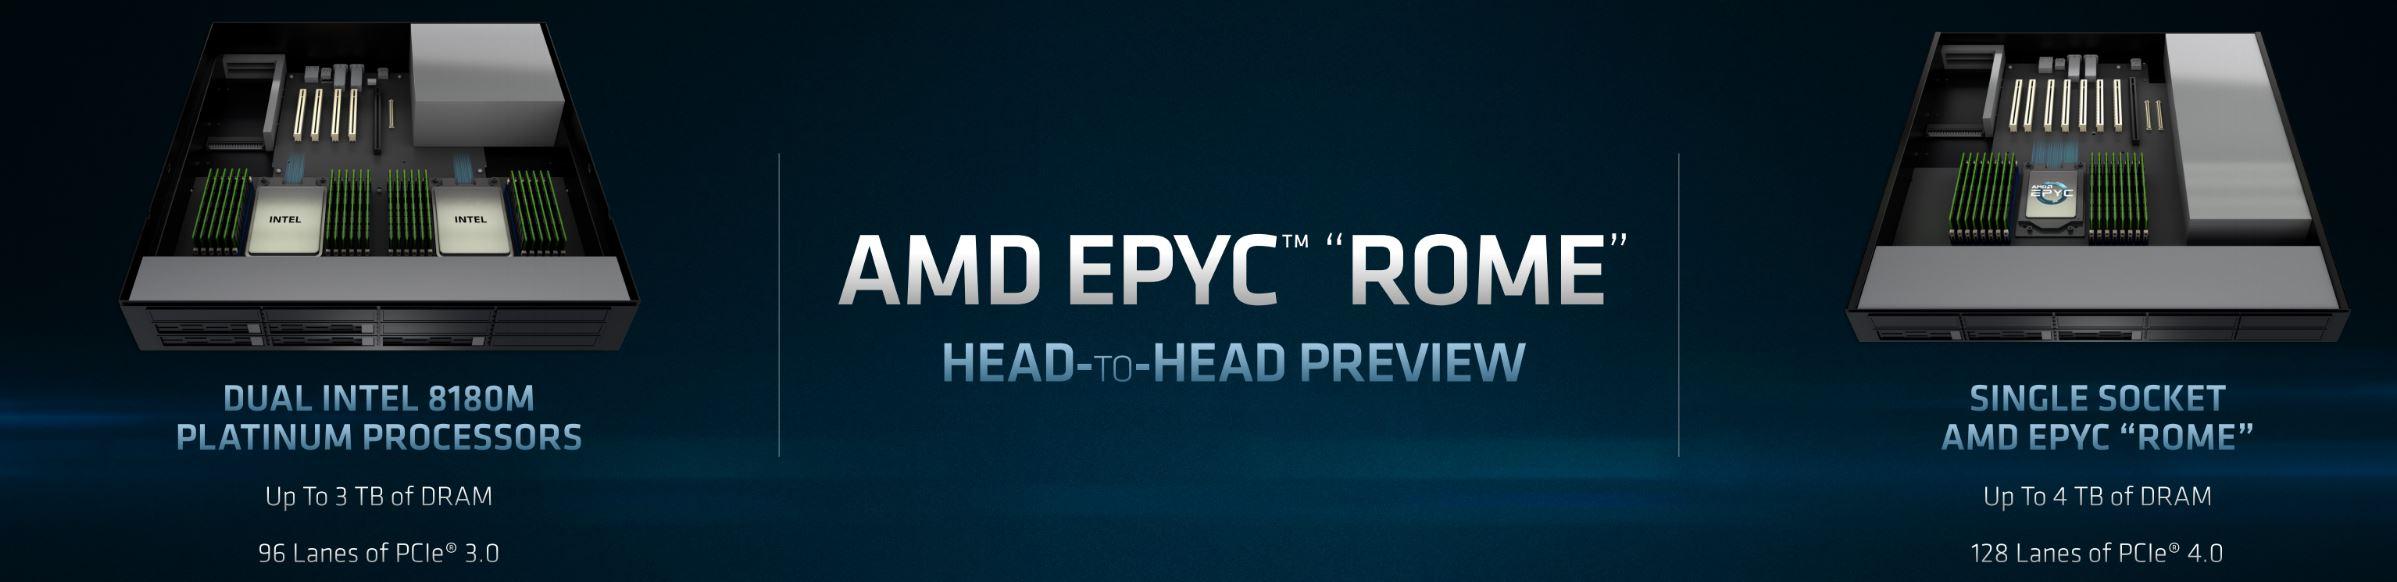 AMD Epyc 2 vs Xeon 8180